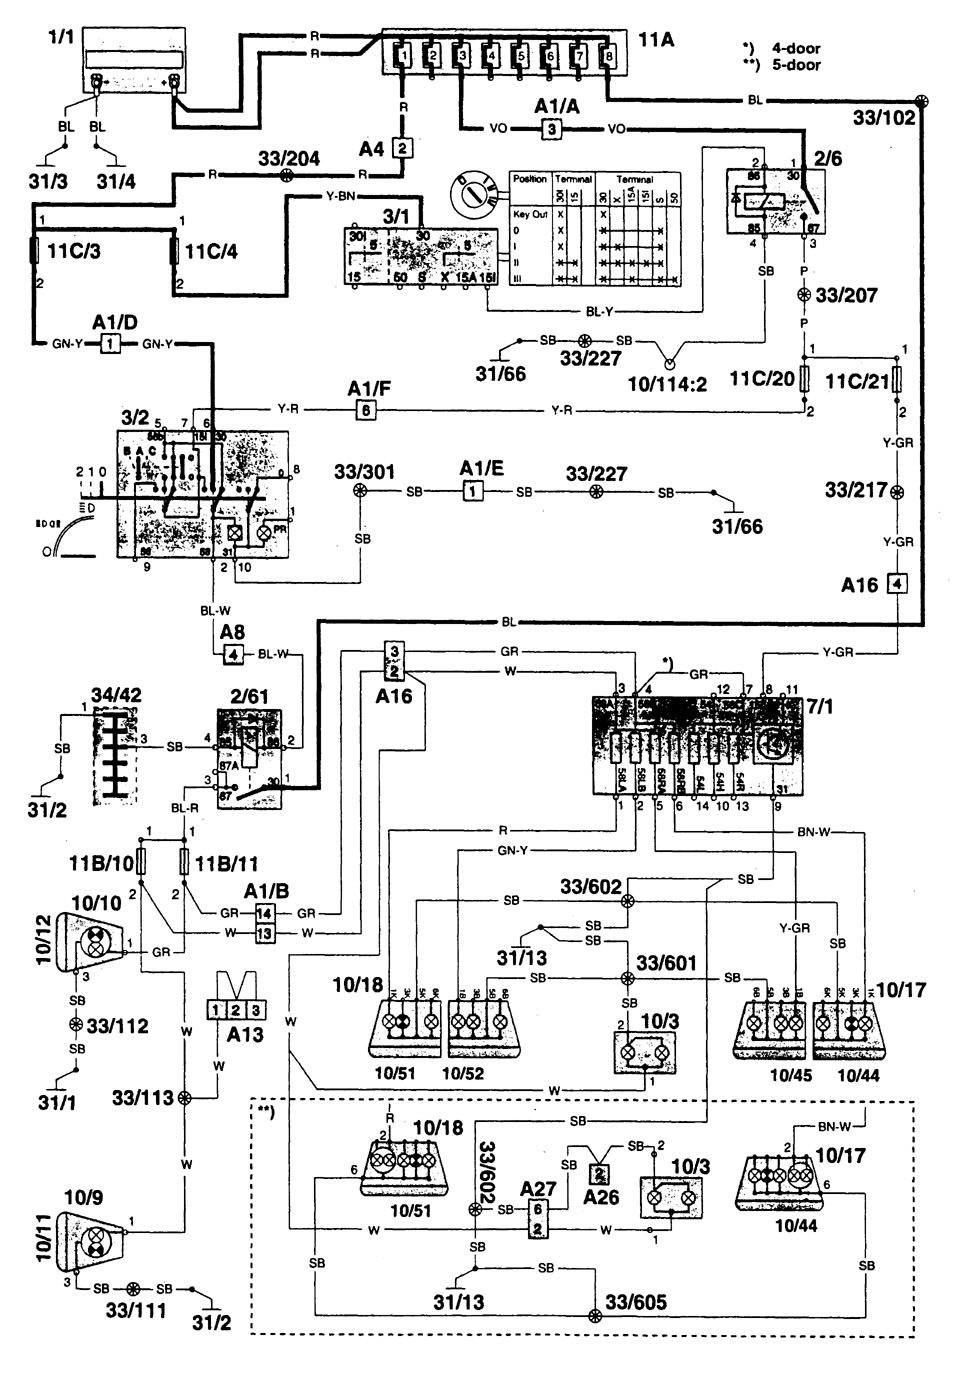 1996 Volvo Wiring Diagram wiring diagram manual aircraft ... on volvo parts diagram, volvo repair diagrams, volvo fuel pump wiring diagram, volvo 850 wiring diagram, volvo s70 wiring diagram, volvo 960 repair, volvo s80 headlight diagram, volvo 240 wiring diagram, volvo s60 wiring diagram, volvo 960 thermostat replacement, volvo v70 wiring diagram, volvo 960 body diagram, volvo s40 wiring diagram, volvo c70 wiring diagram, volvo 960 radio, volvo s80 wiring diagram, volvo 960 engine swap, volvo 940 wiring diagram, volvo engine diagram, volvo amazon wiring diagram,